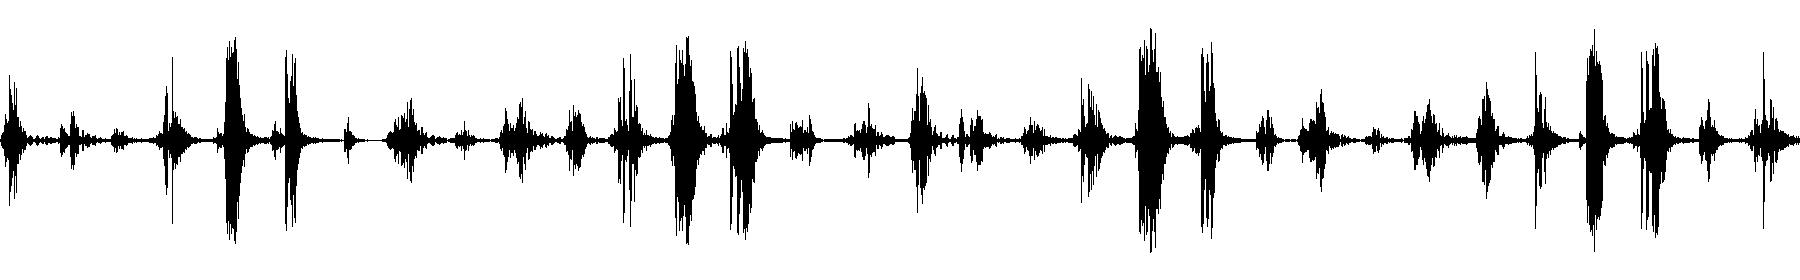 guitarfunk21 130